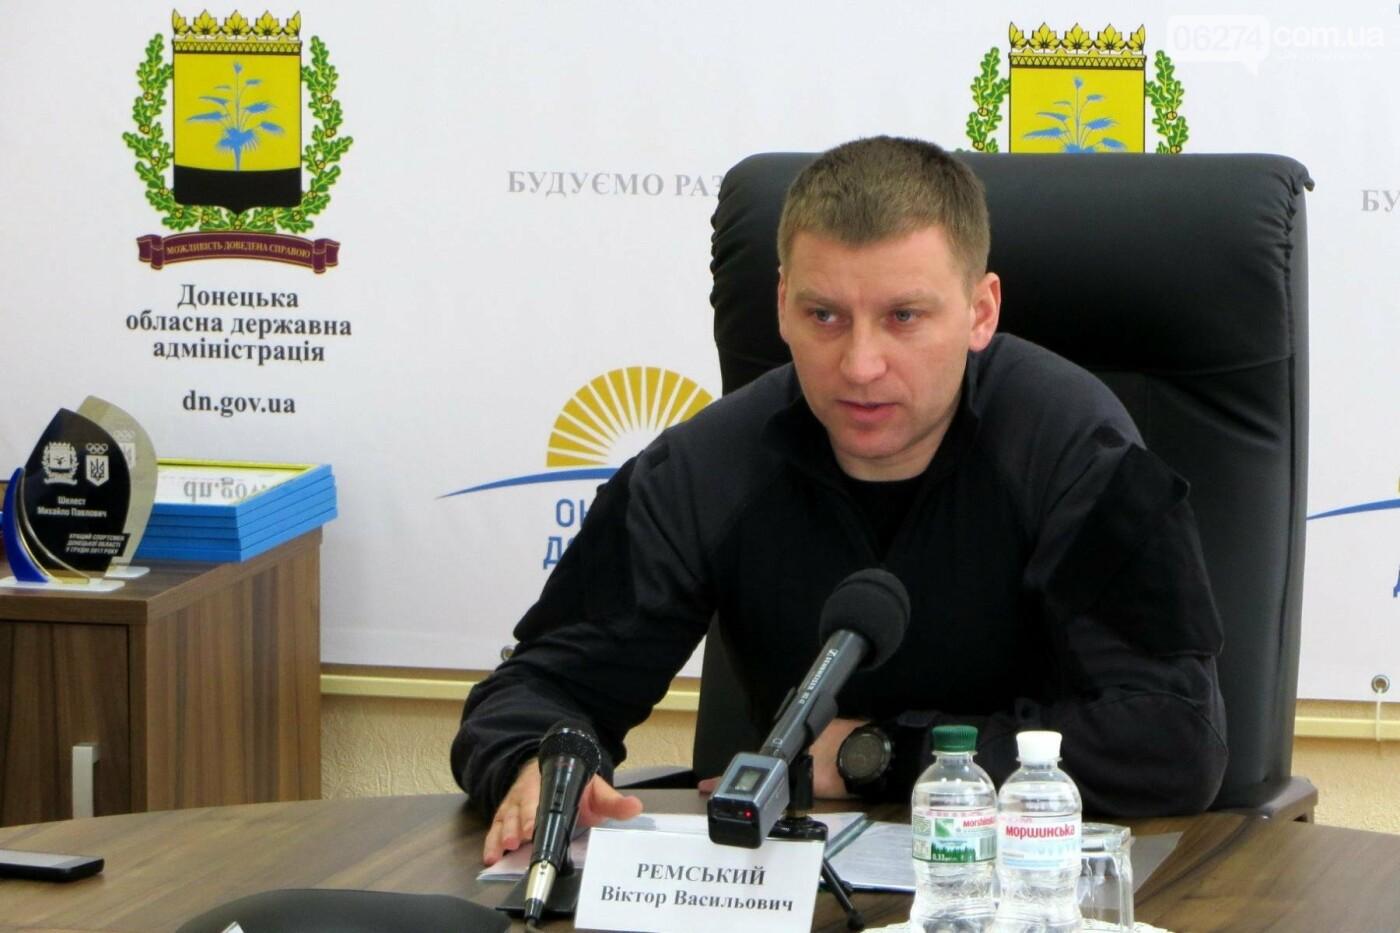 В Краматорске отметили лучших спортсменов и тренеров Донецкой области, фото-1